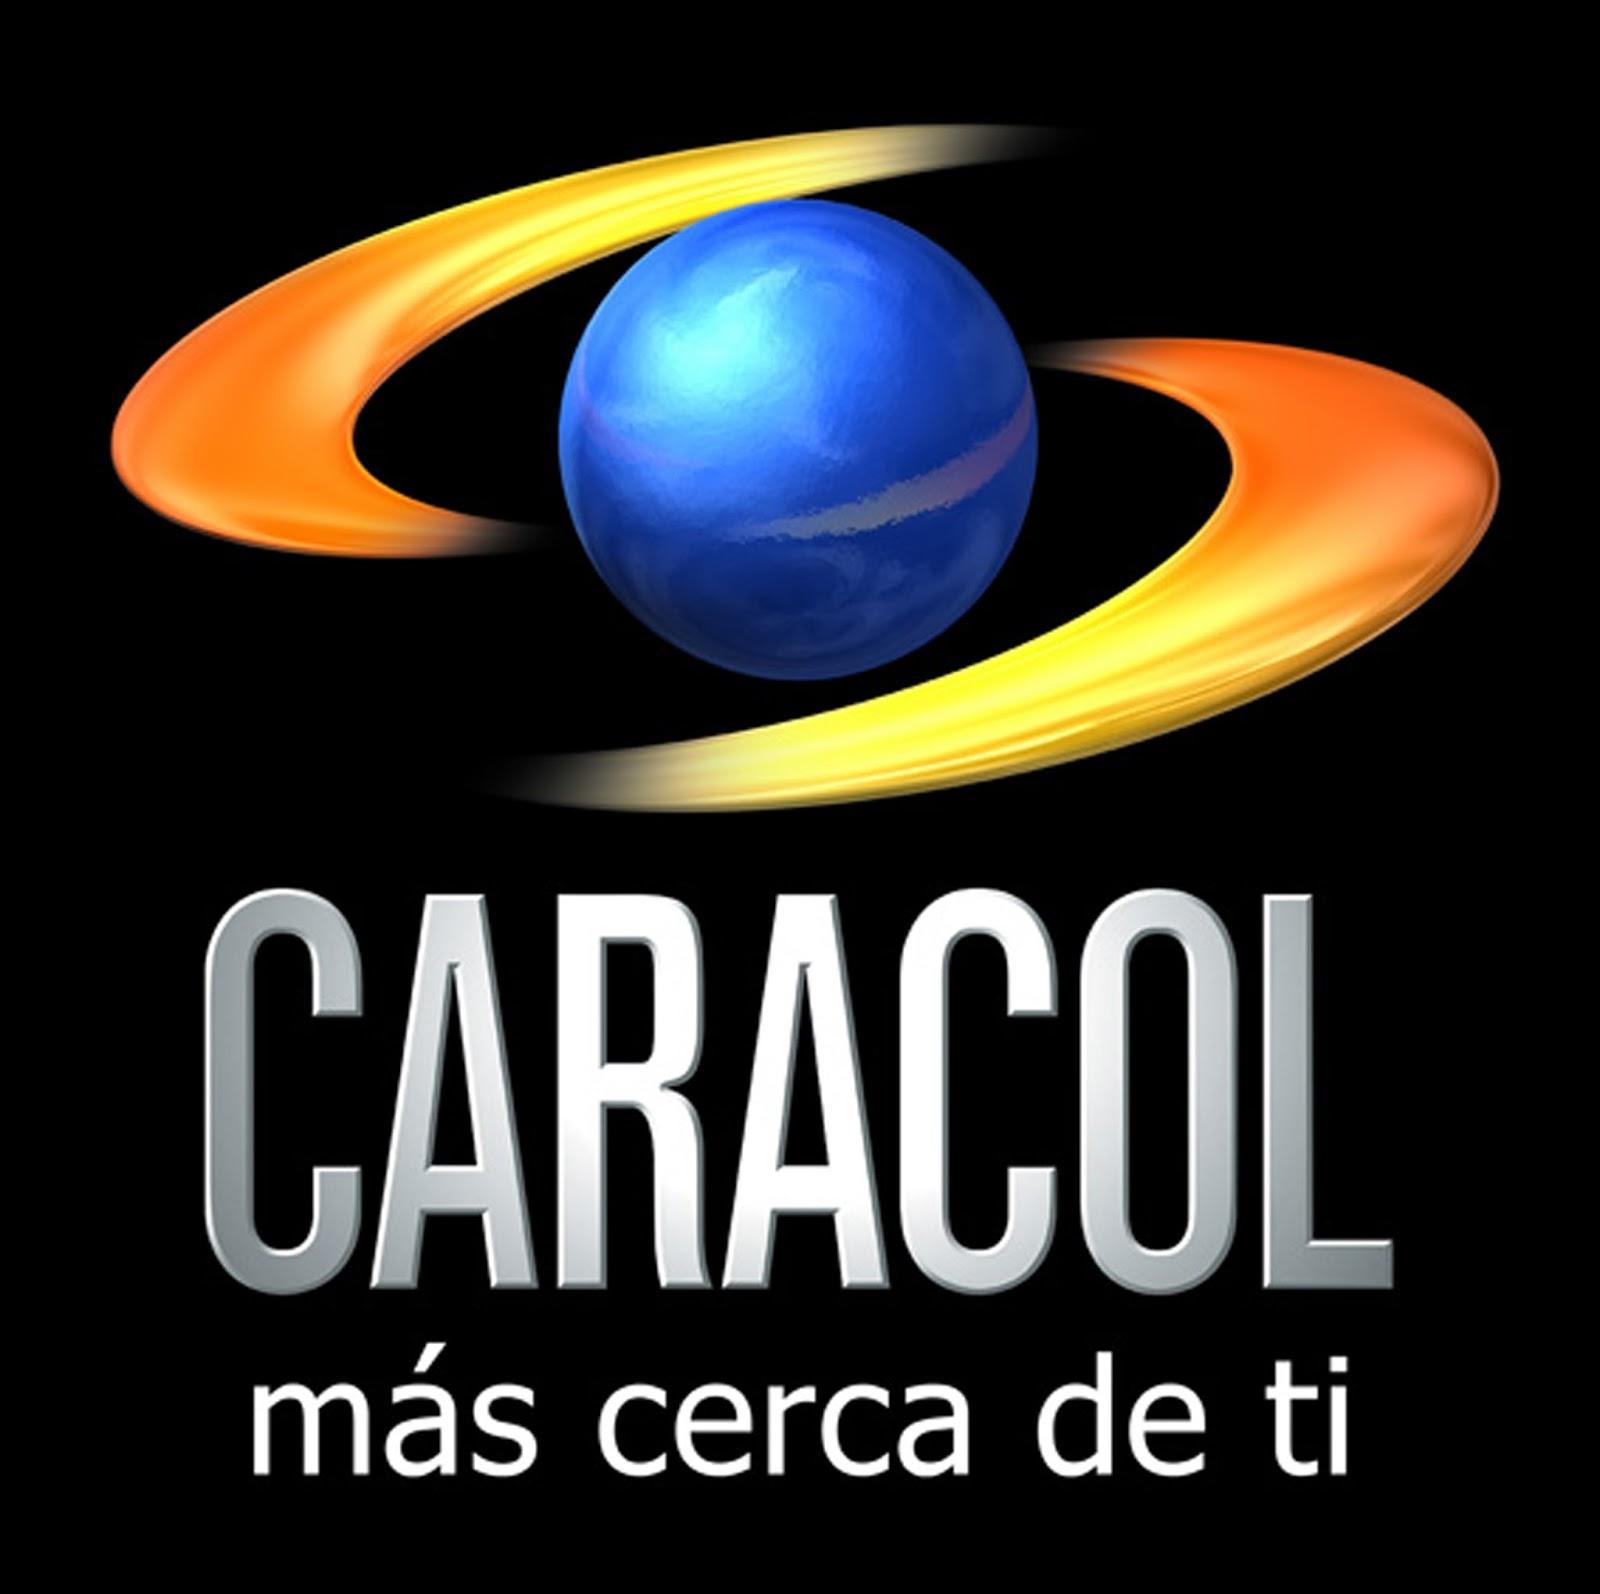 Caracol Tv En Vivo Por Internet La Senal En Vivo Transmite Las Noticias Nacionales E Internacionales Ademas De Los Contenidos Para Toda La Familia Con Su